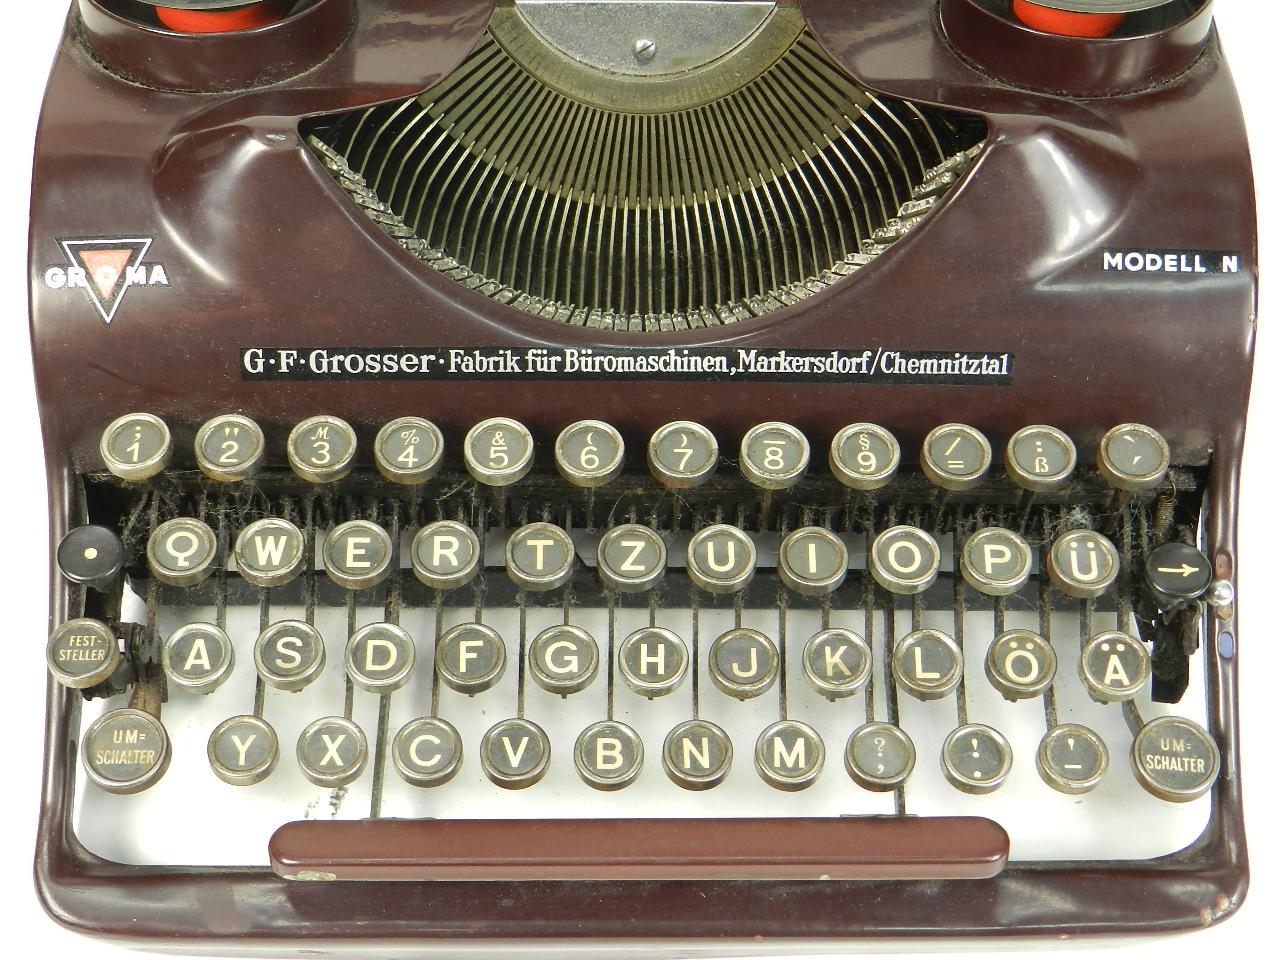 Imagen GROMA Mod. N  AÑO 1938  COLOR MORADO 29812